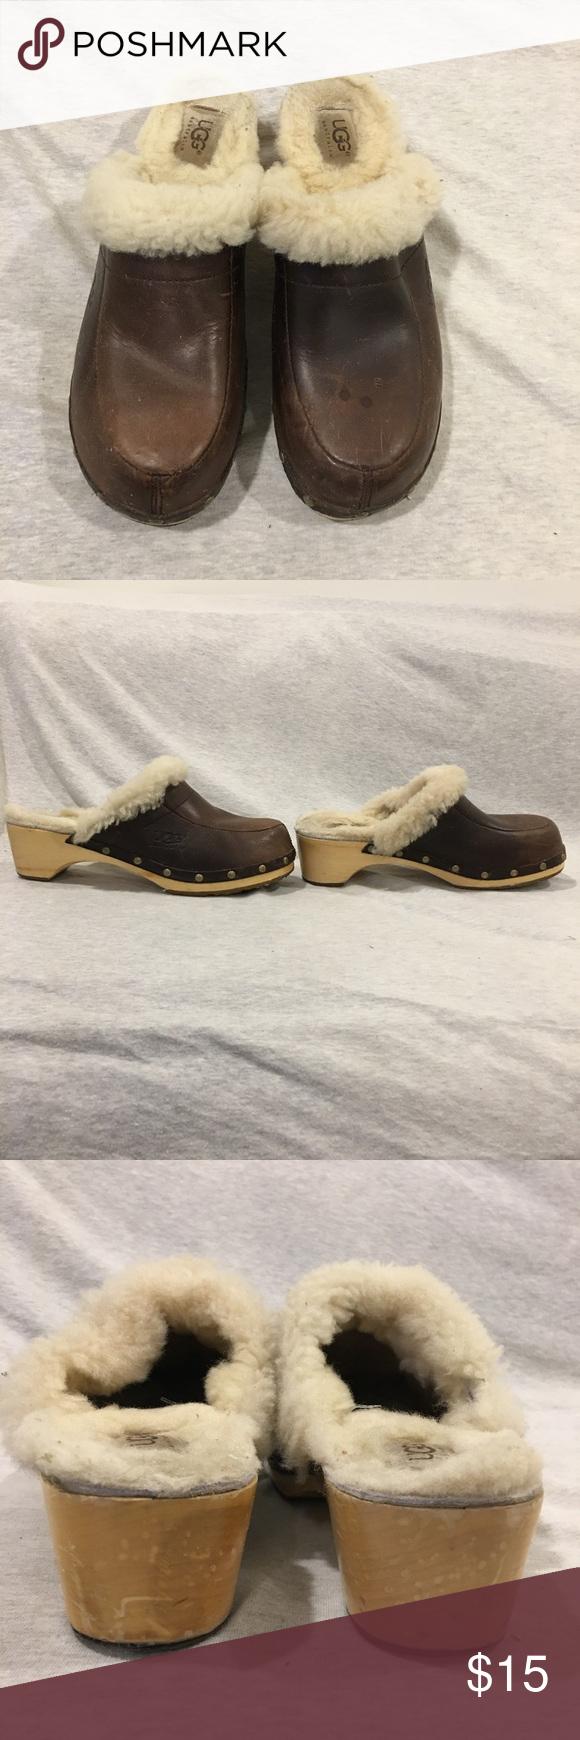 UGG Australia 5425 Kalie Sheepskin Fur UGG Australia 5425 Kalie Sheepskin Fur Studded Wood Clog Mule Women's. Size 7 UGG Shoes Platforms